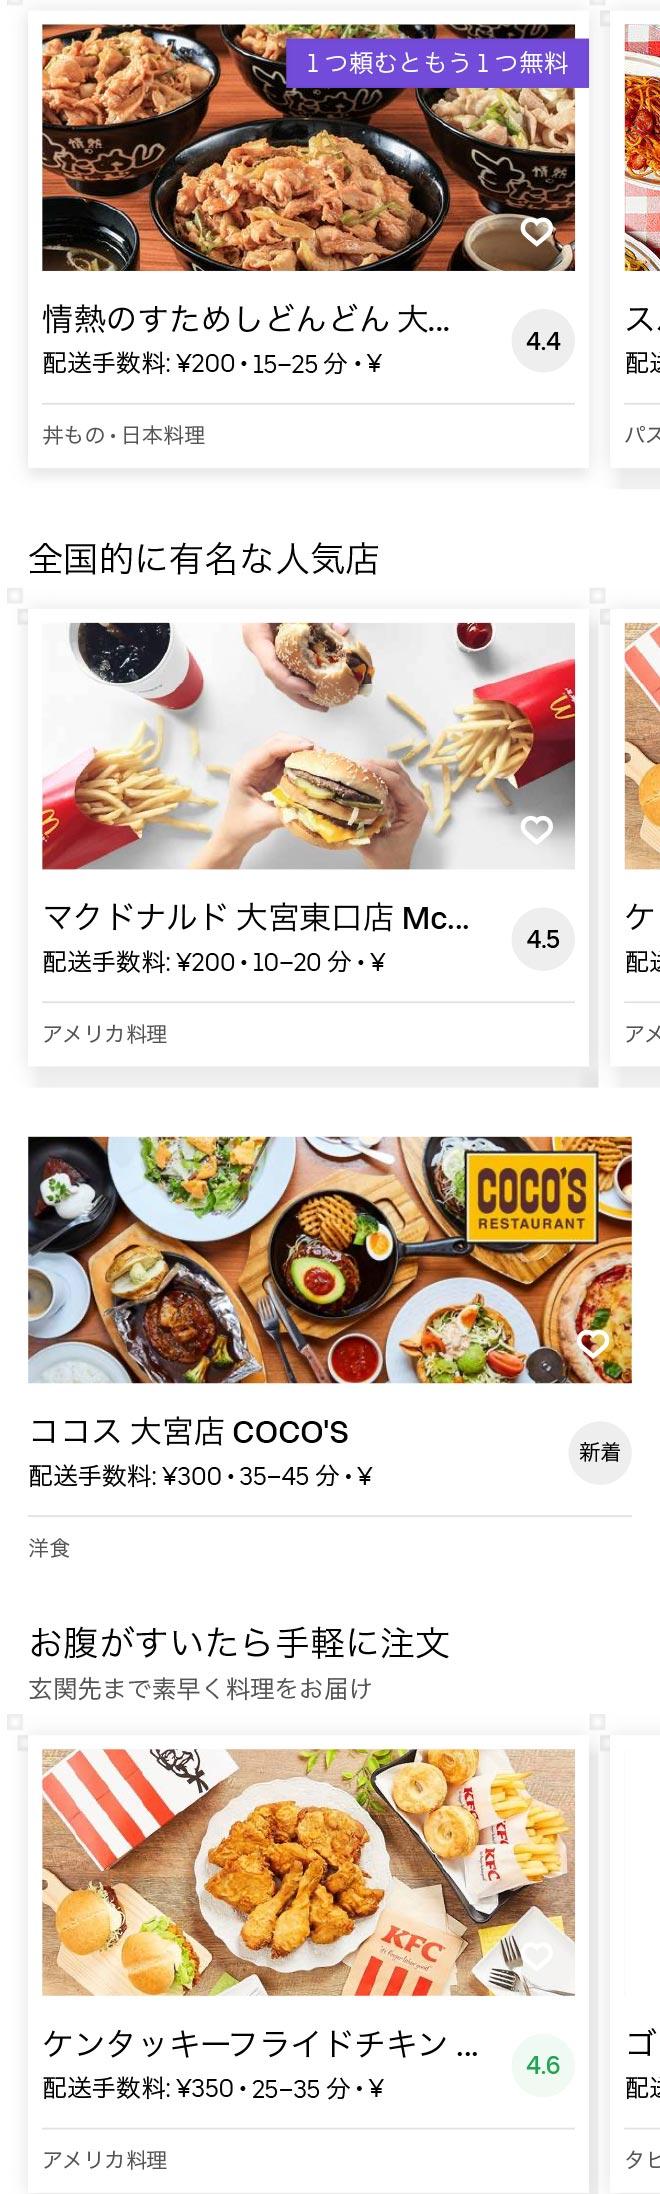 Saitama oomiya menu 2006 01